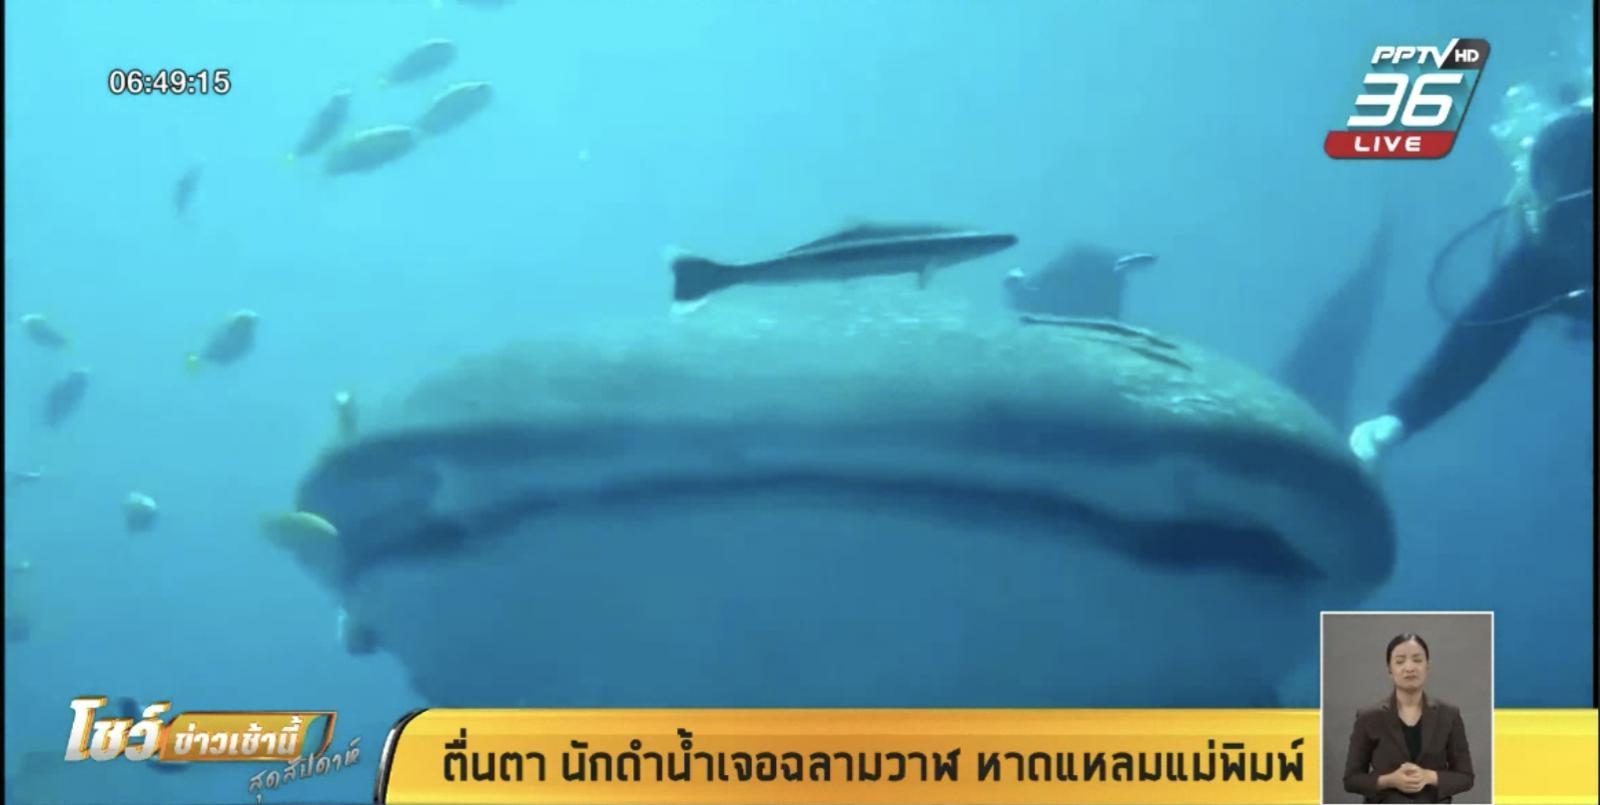 ตื่นตา นักดำน้ำเจอฉลามวาฬ หาดแหลมแม่พิมพ์